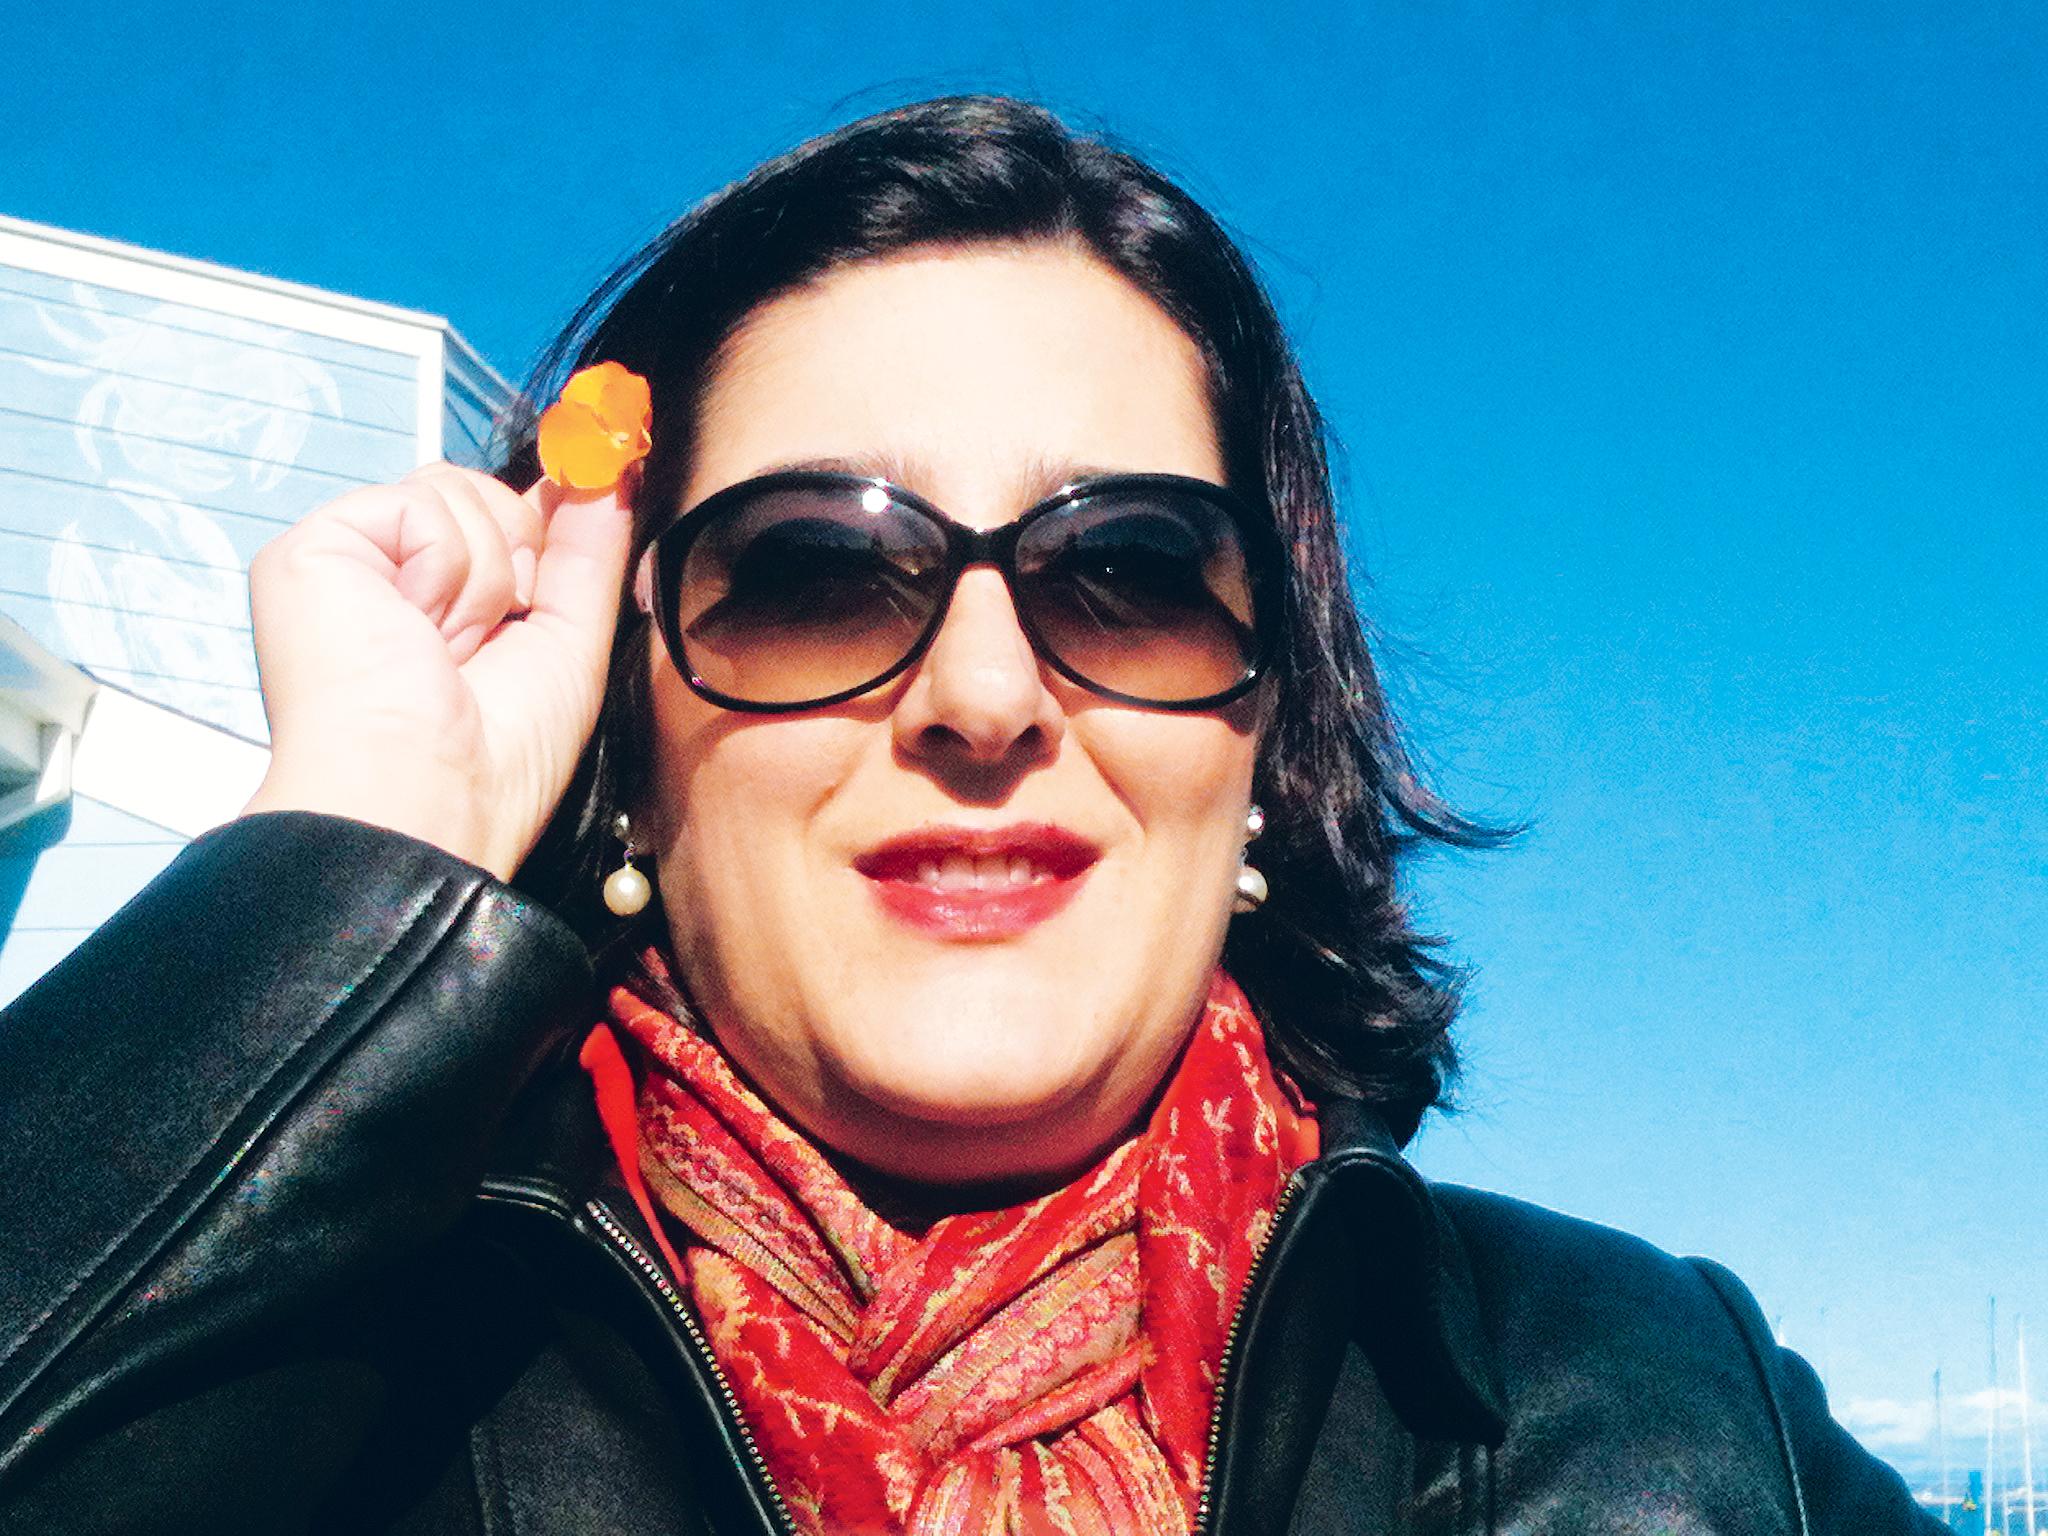 Gabriela Erbetta entrou na Laselva, seguiu até o caixa, abriu a bolsa e... (foto: arquivo pessoal)